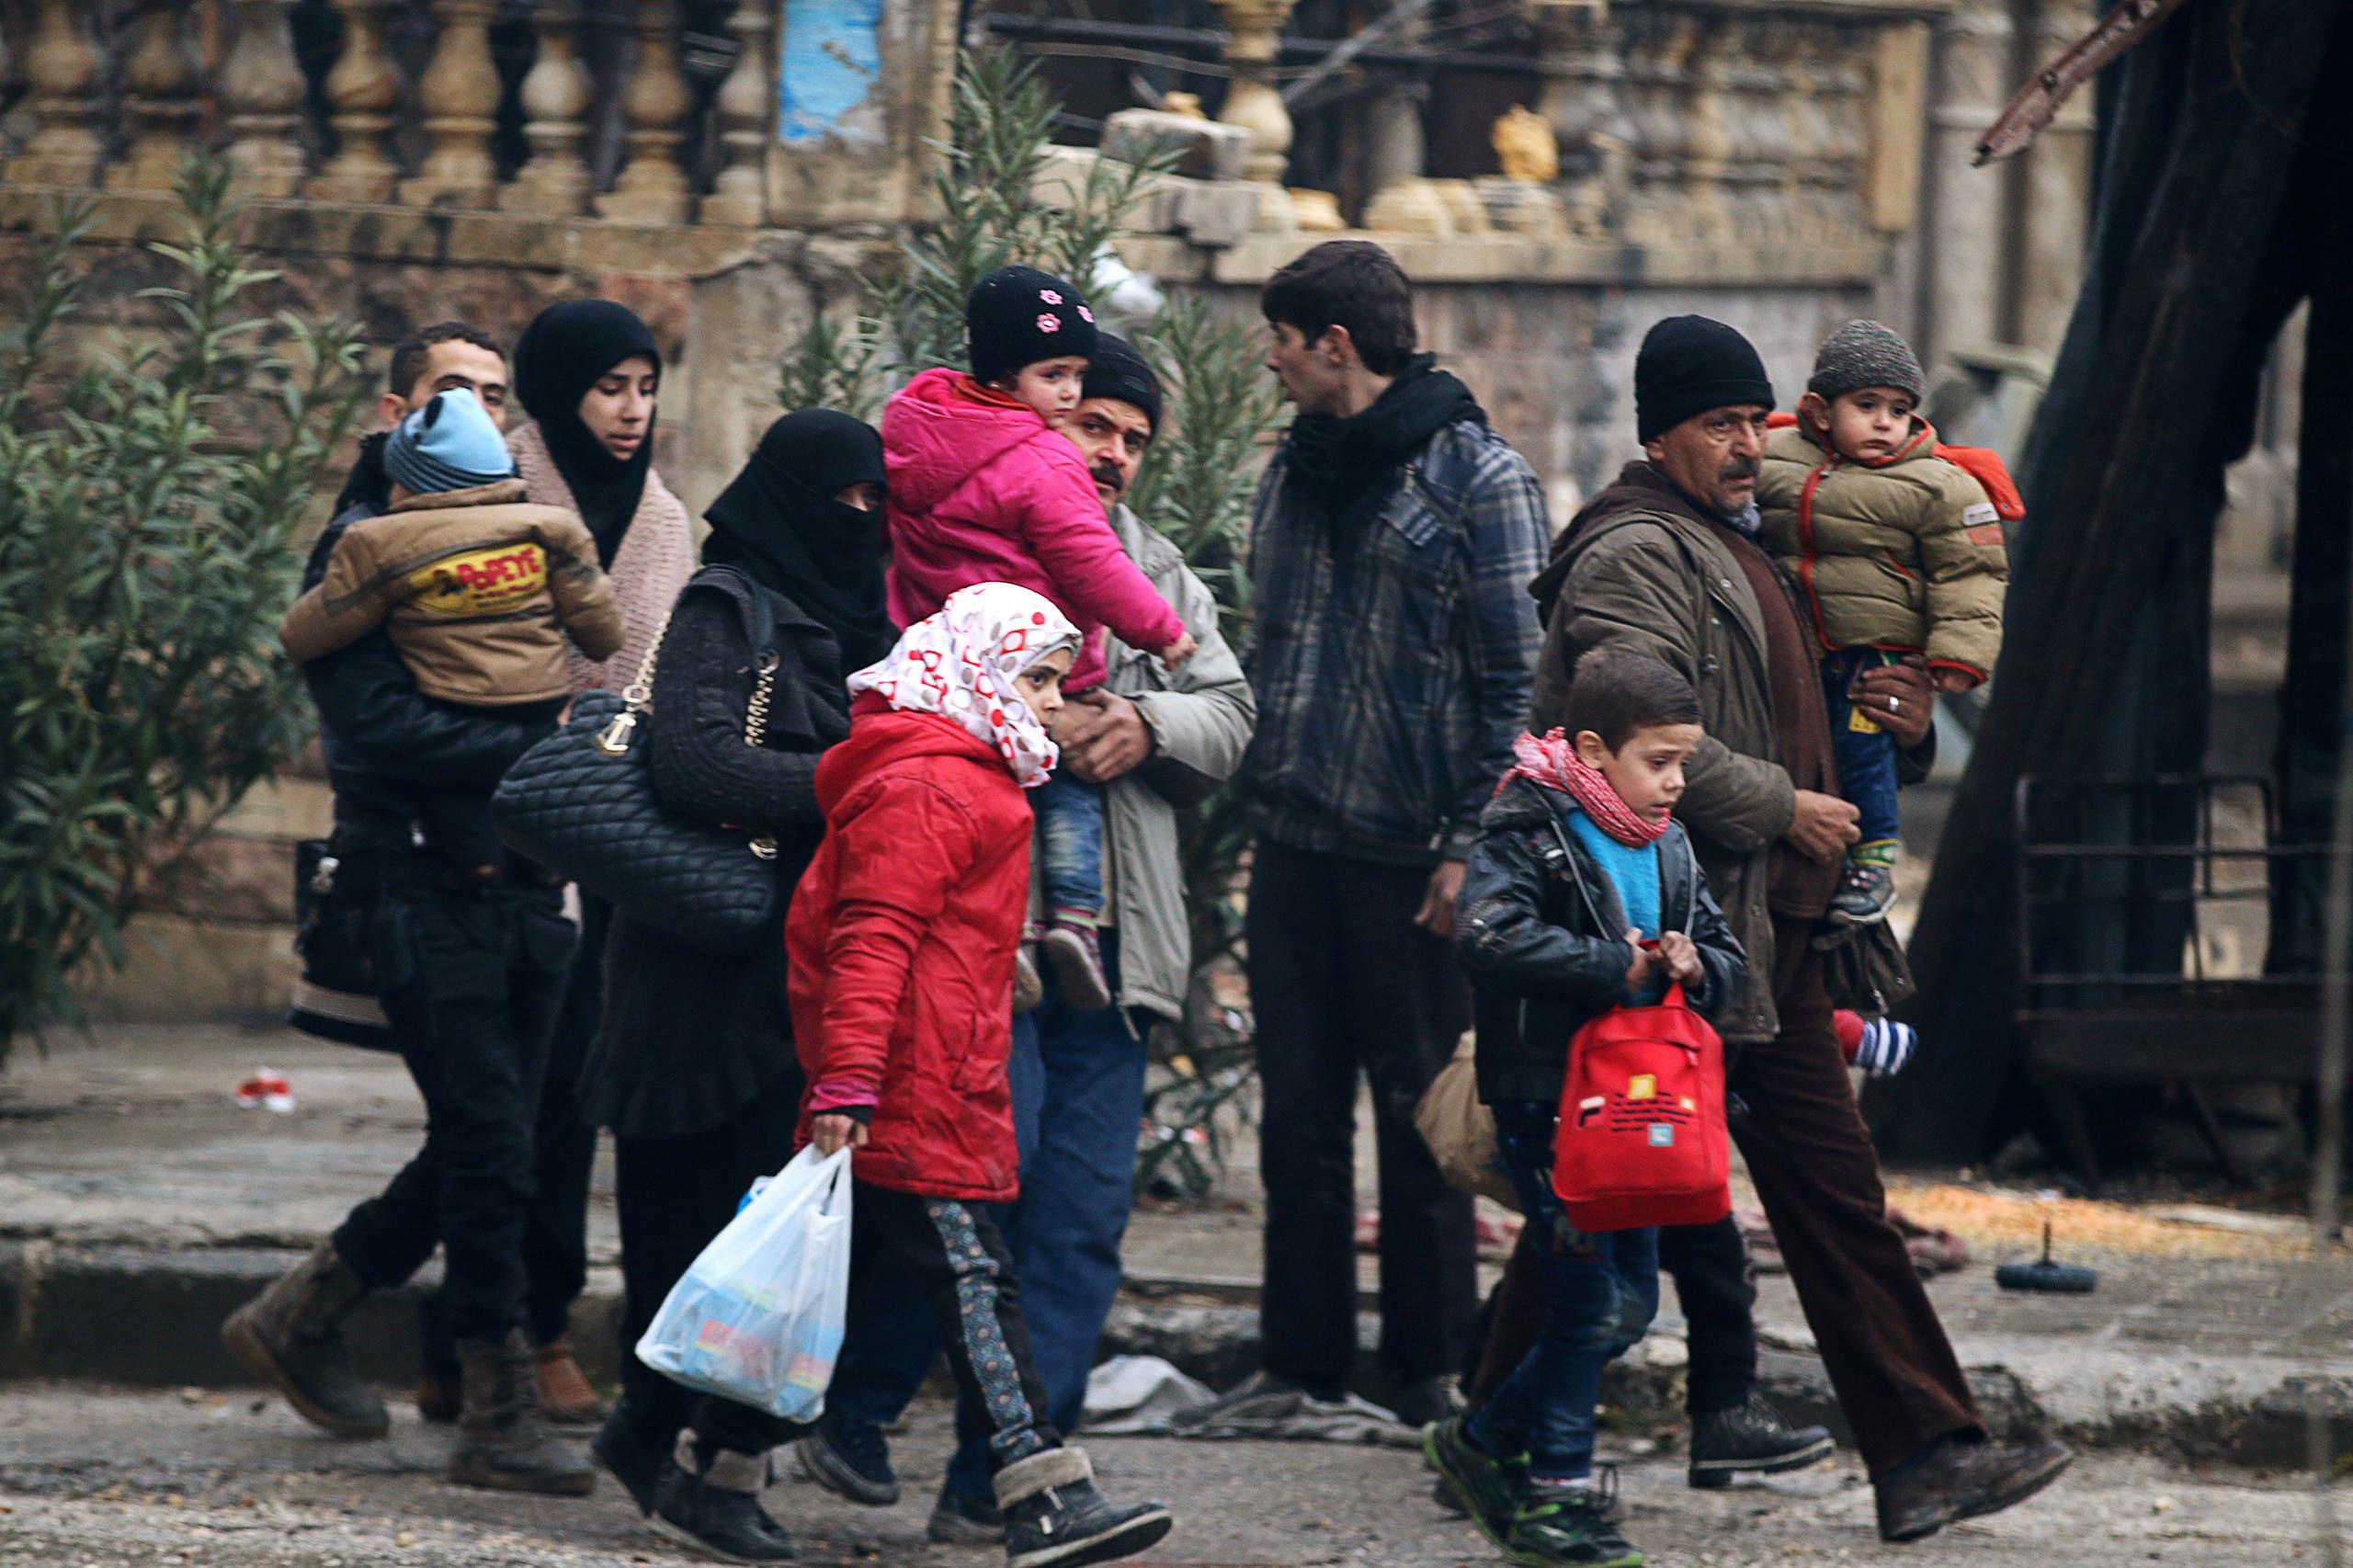 المدنيون يهربون من القصف ويدخلون في عمق مناطق سيطرة المعارضة في شرق حلب (أرشيفية)